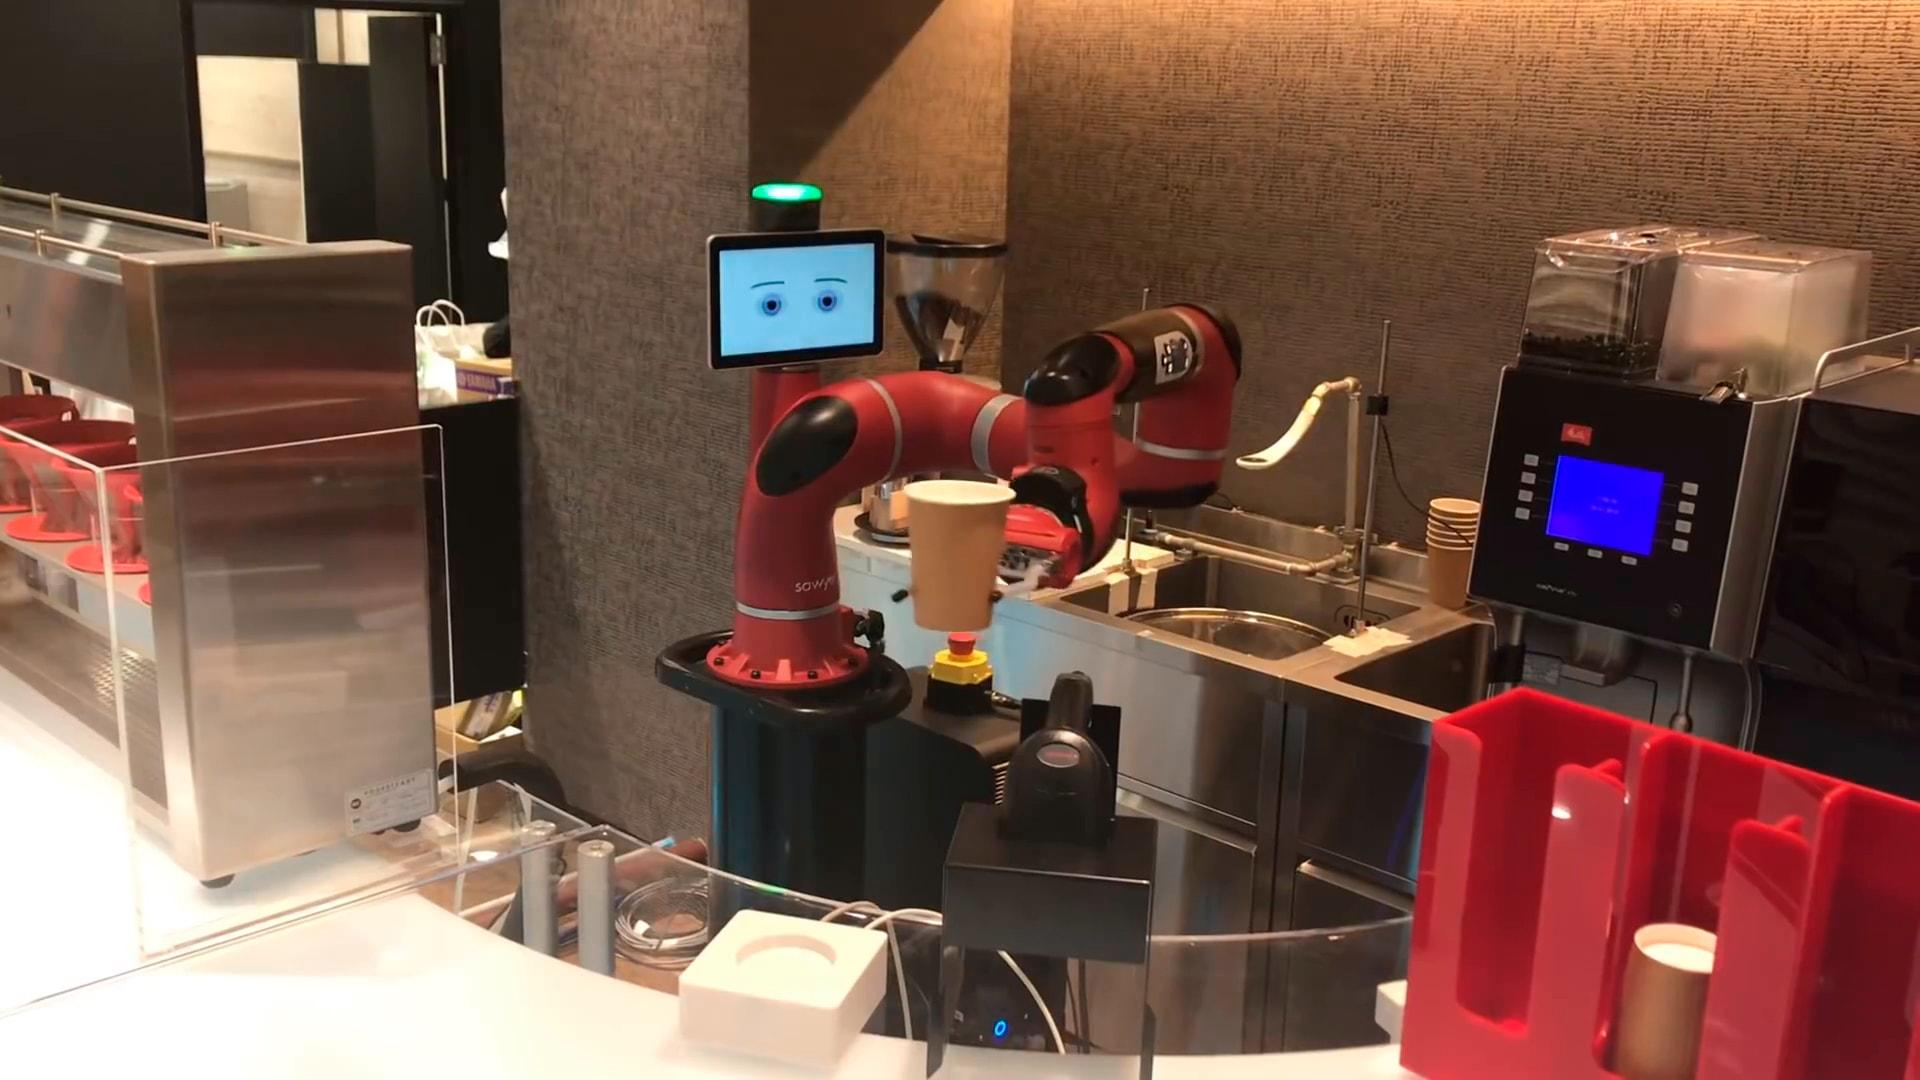 В Токио открылось первое кафе, в котором баристой работает робот